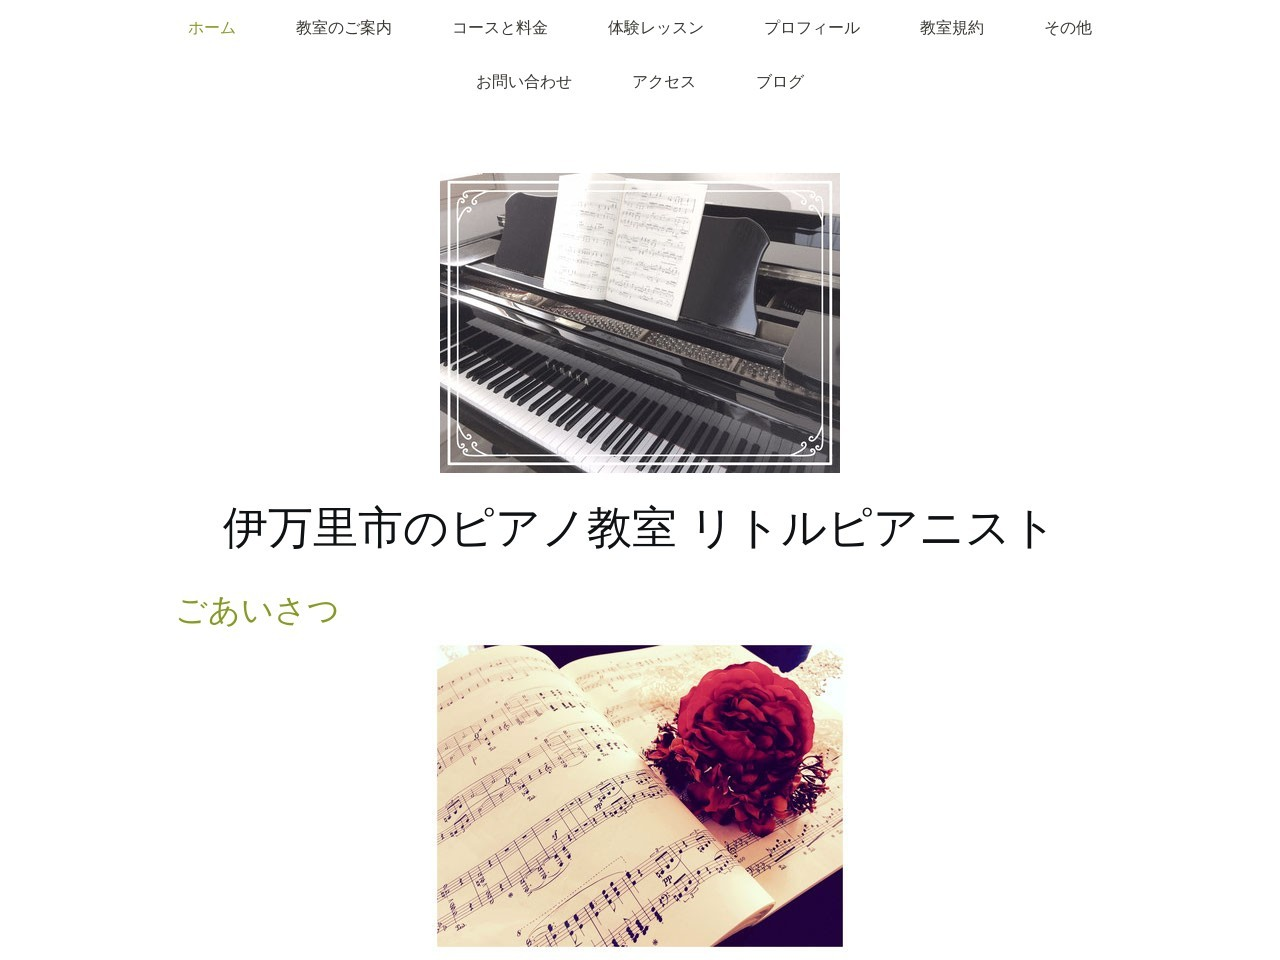 ピアノ教室リトルピアニストのサムネイル